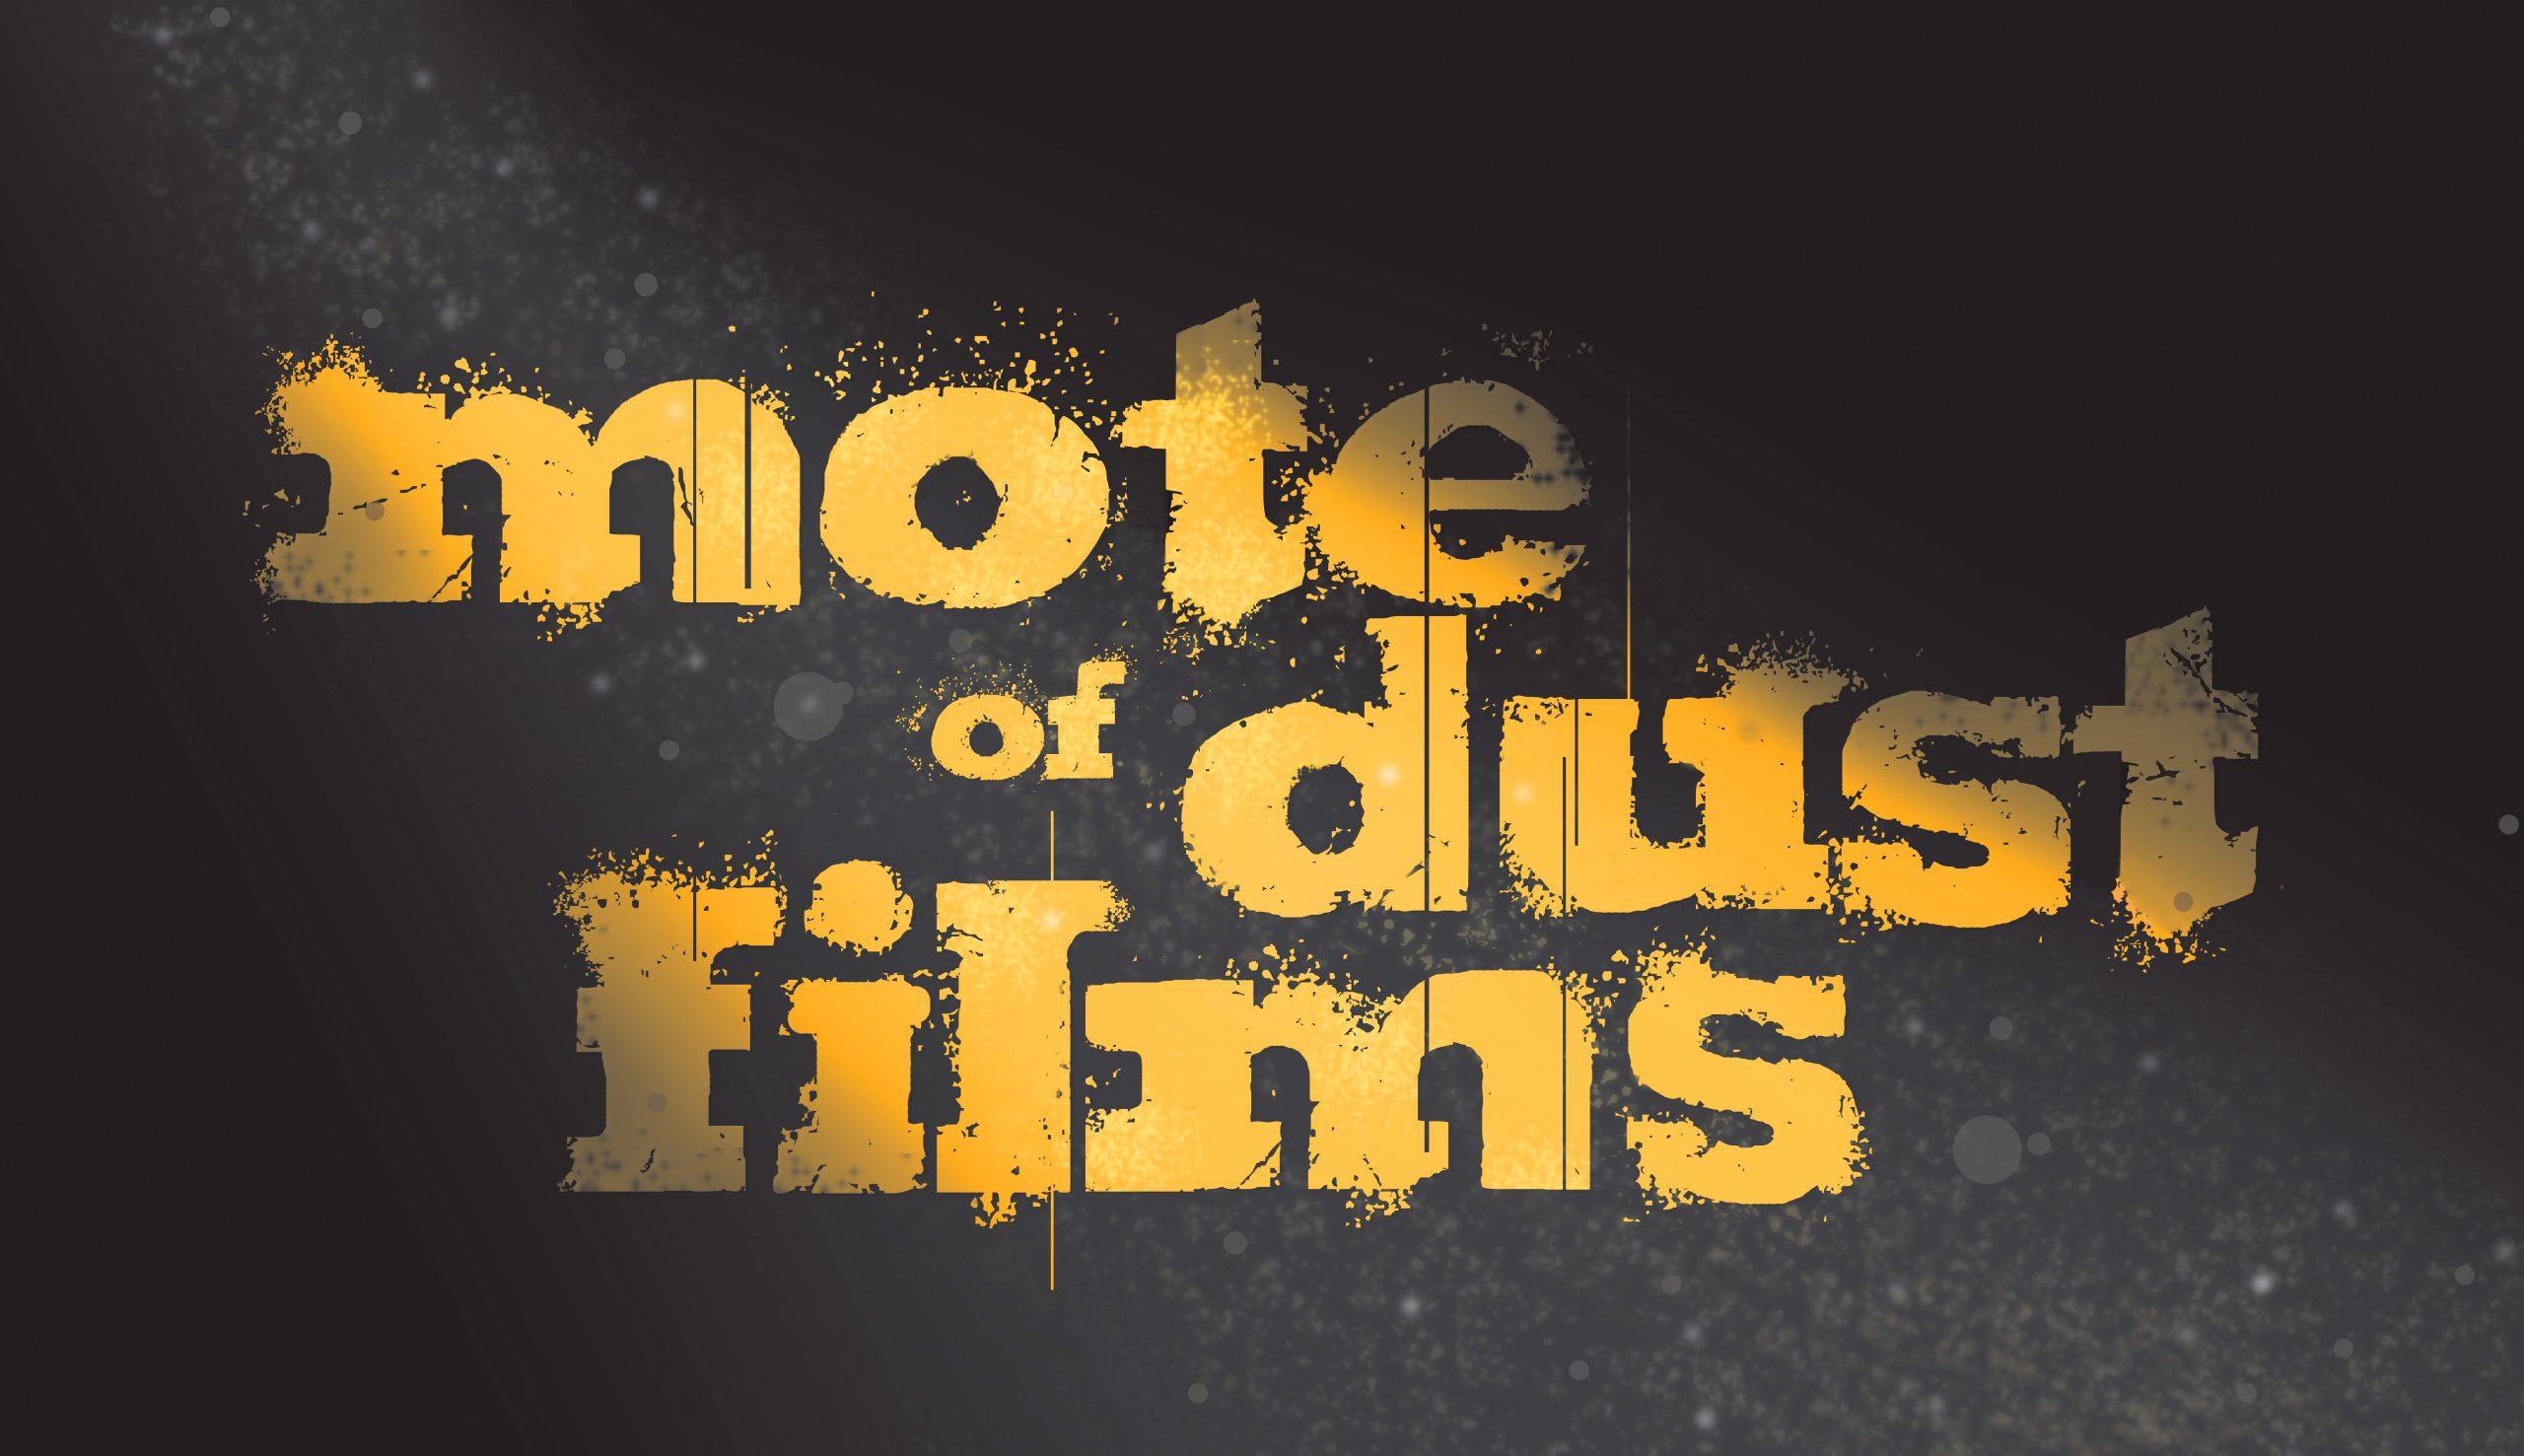 Mote of Dust Films logo